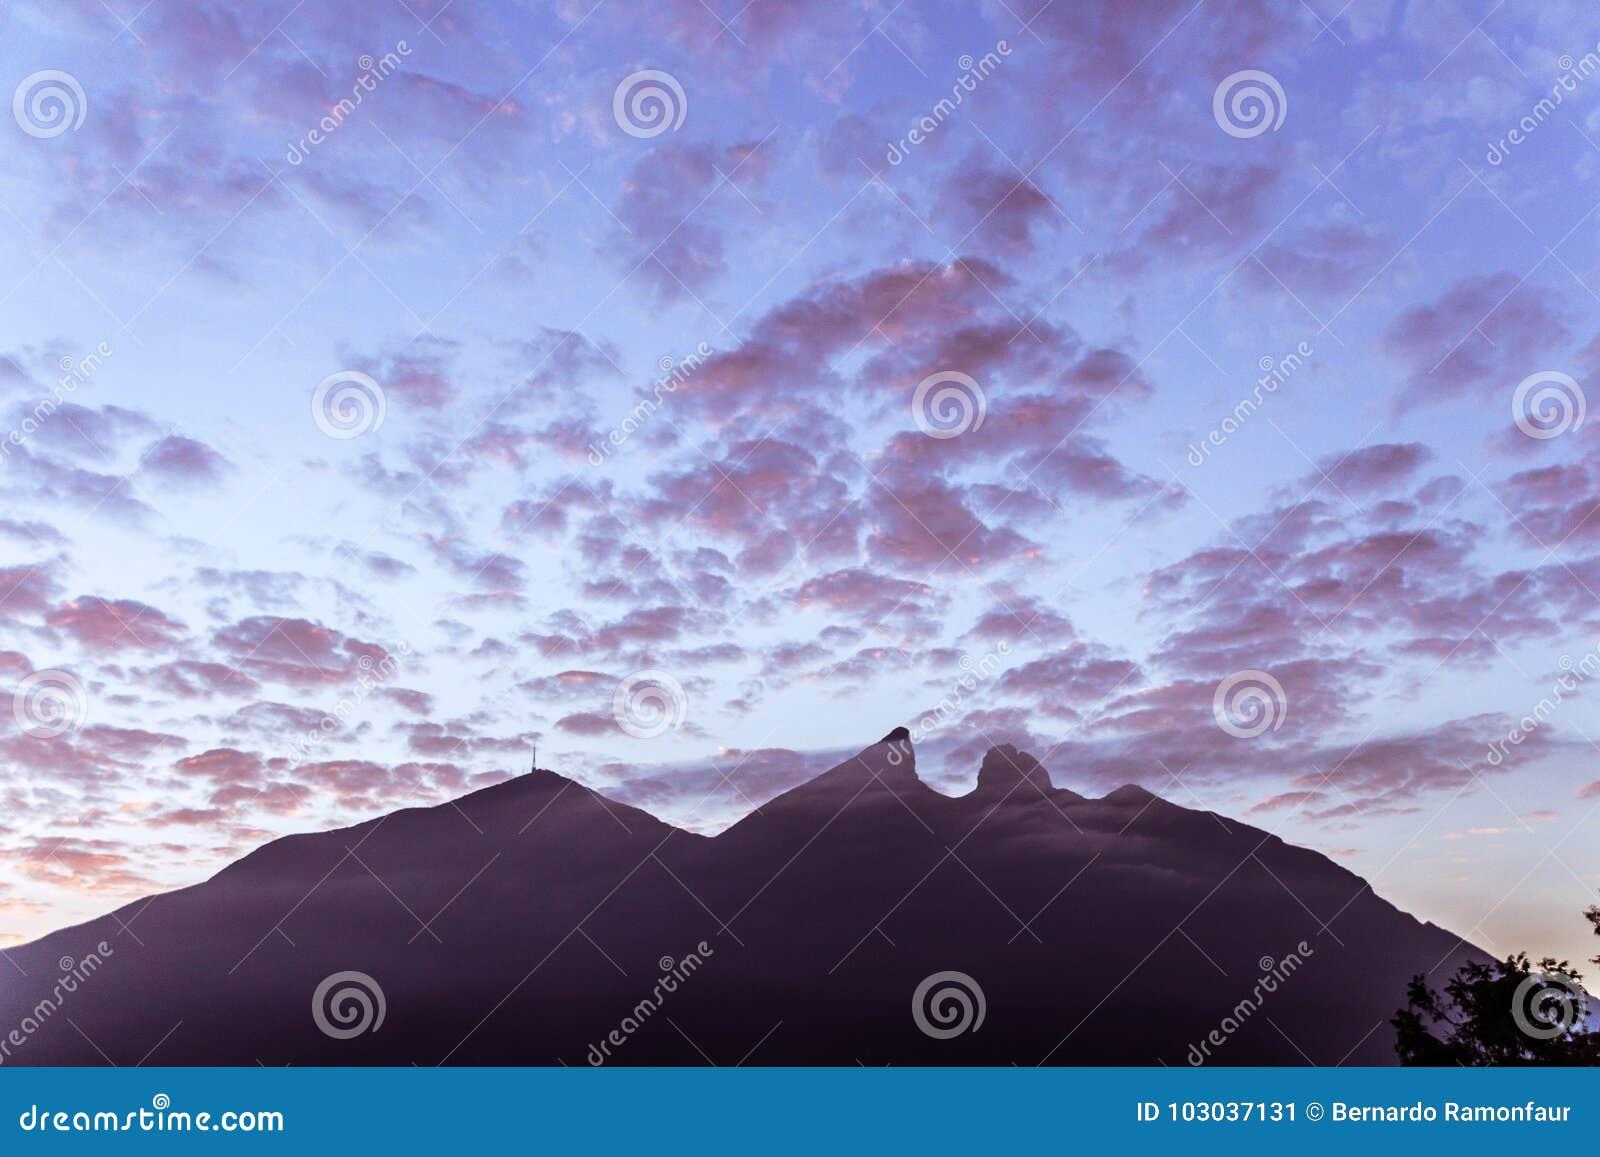 Famous mountain in Monterrey Mexico called Cerro de la Silla